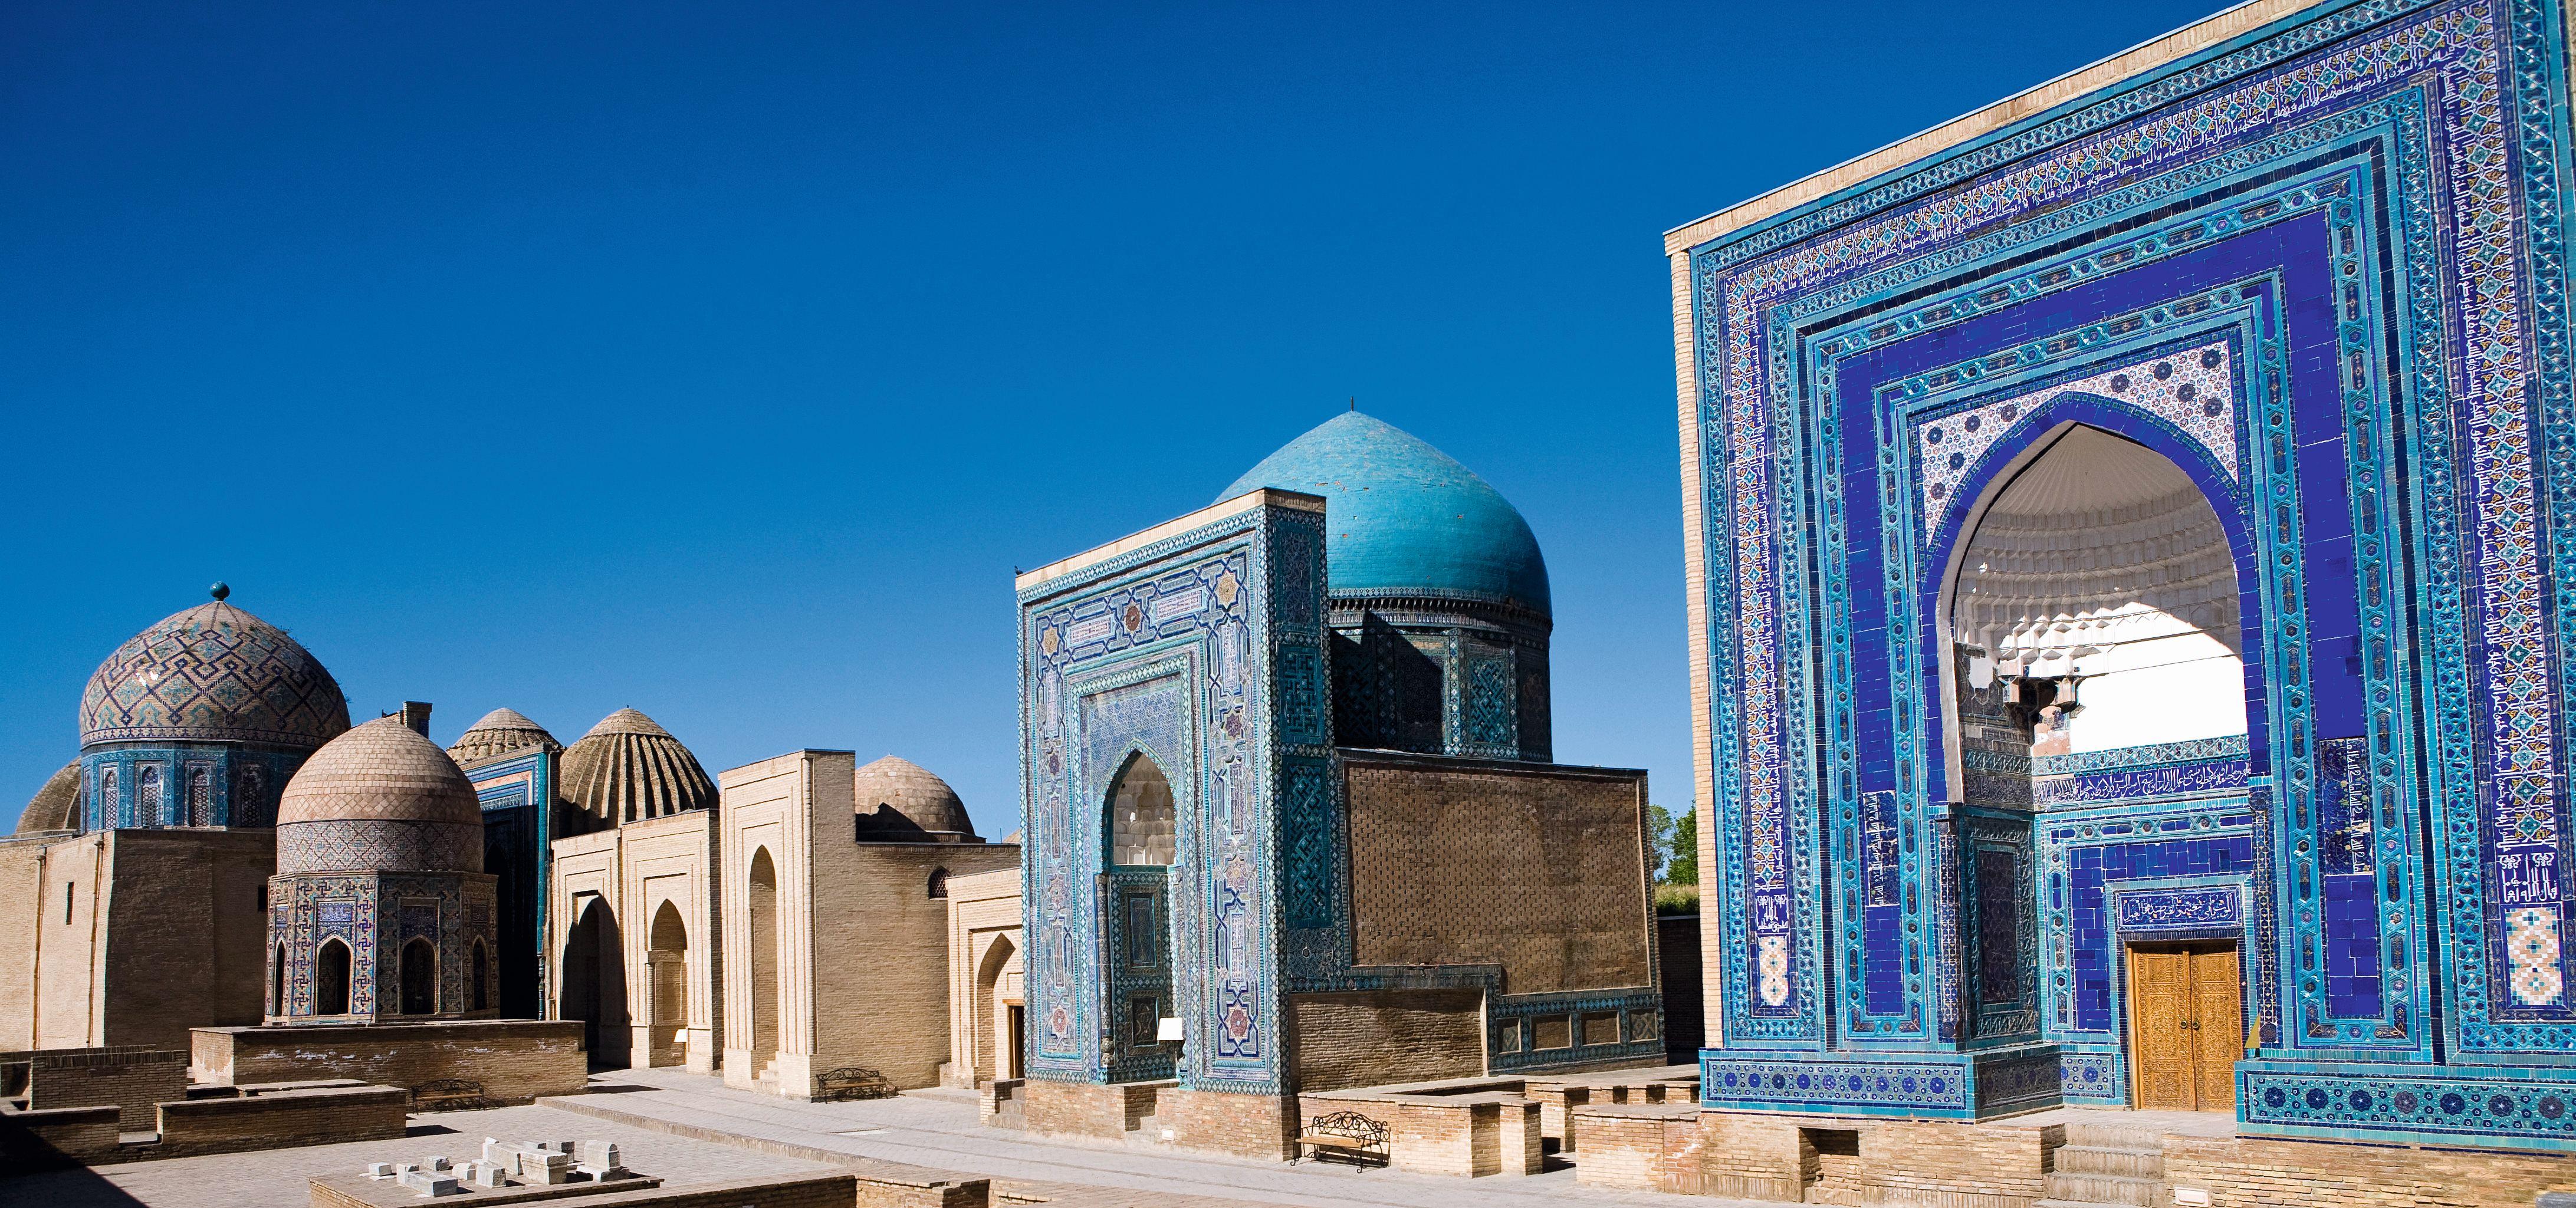 Rundreise Usbekistan: Die ausführliche Reise mit Ferganatal 2019   Erlebnisrundreisen.de